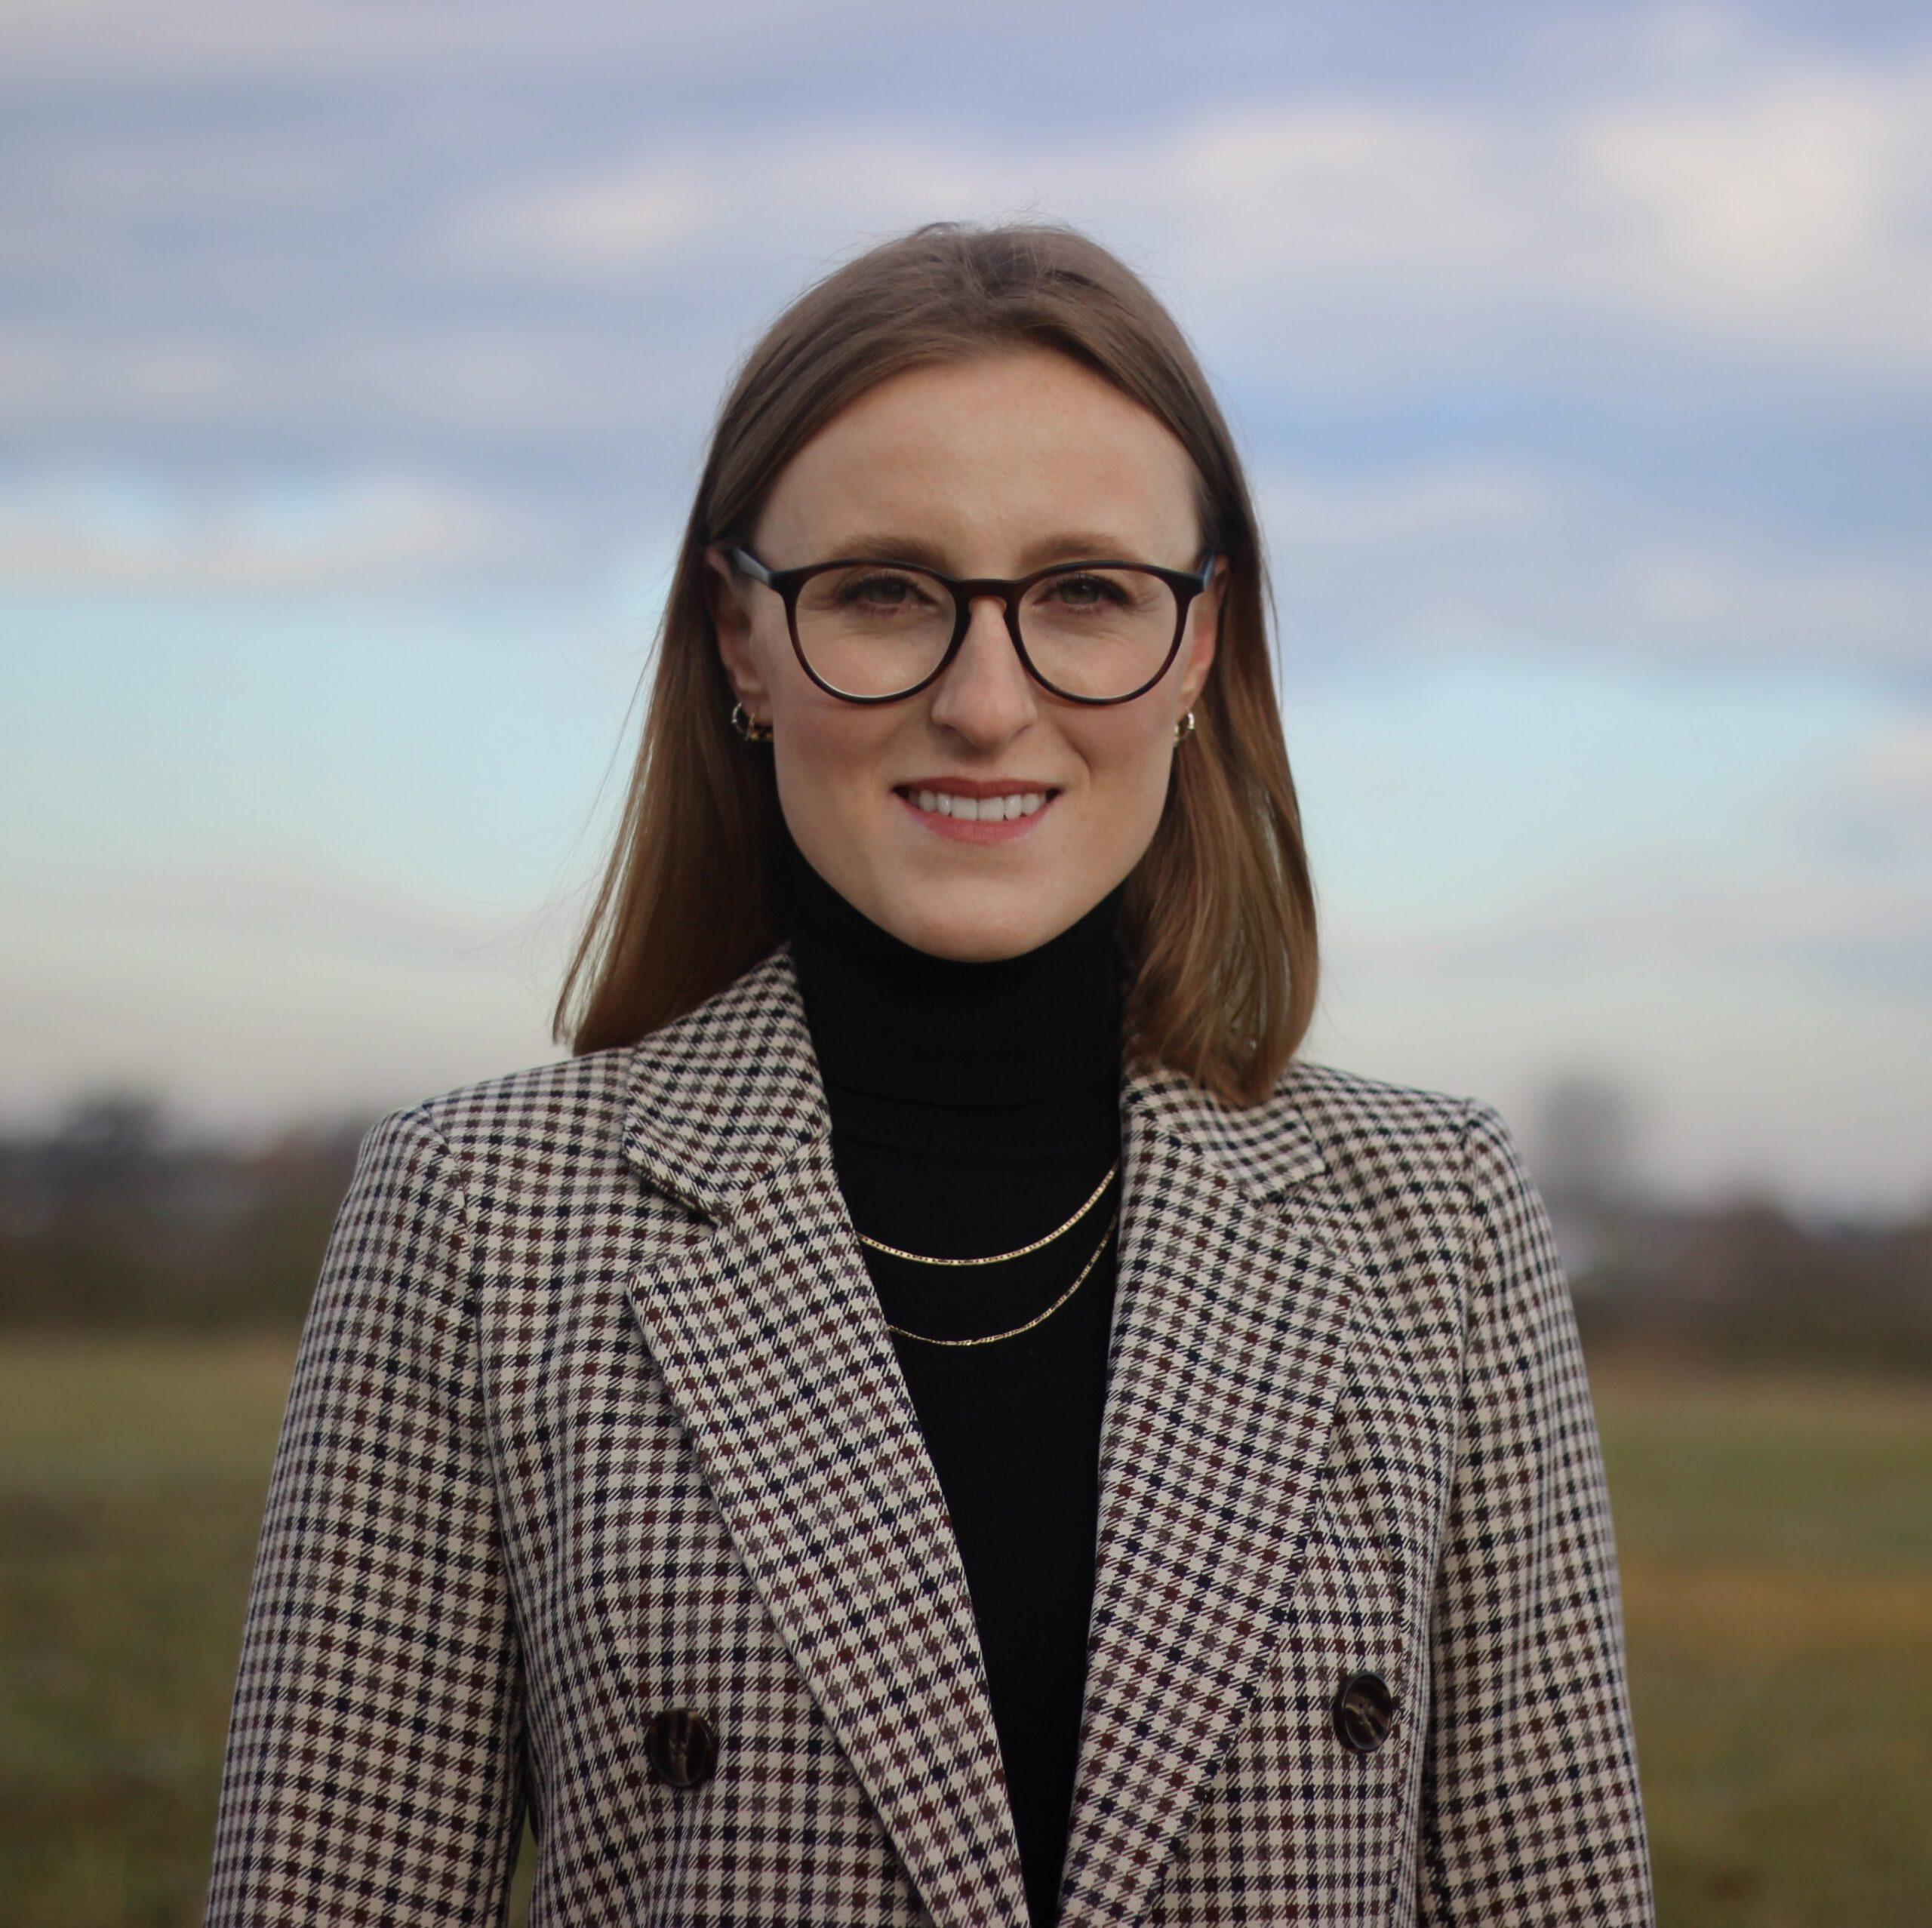 Nathalie Hefermehl